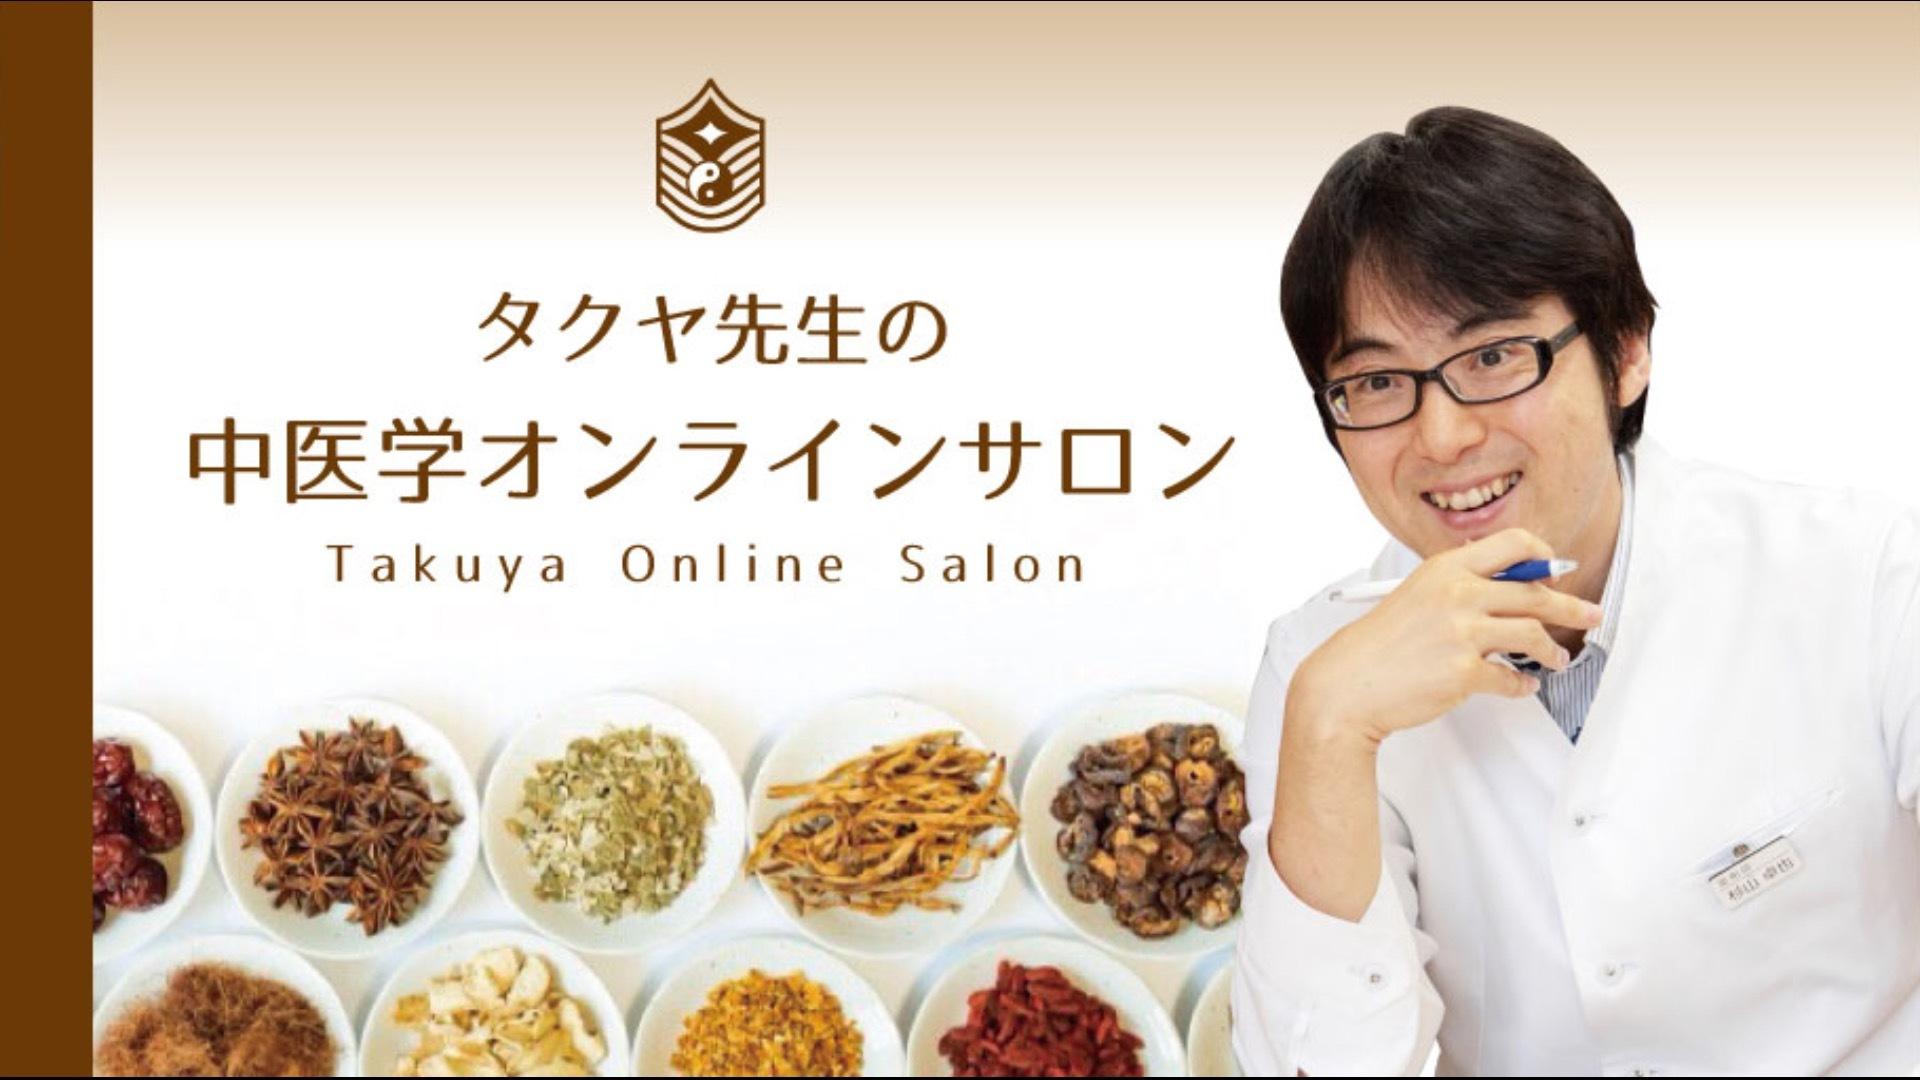 杉山卓也(タクヤ先生) - タクヤ先生の中医学オンラインサロン - DMM オンラインサロン